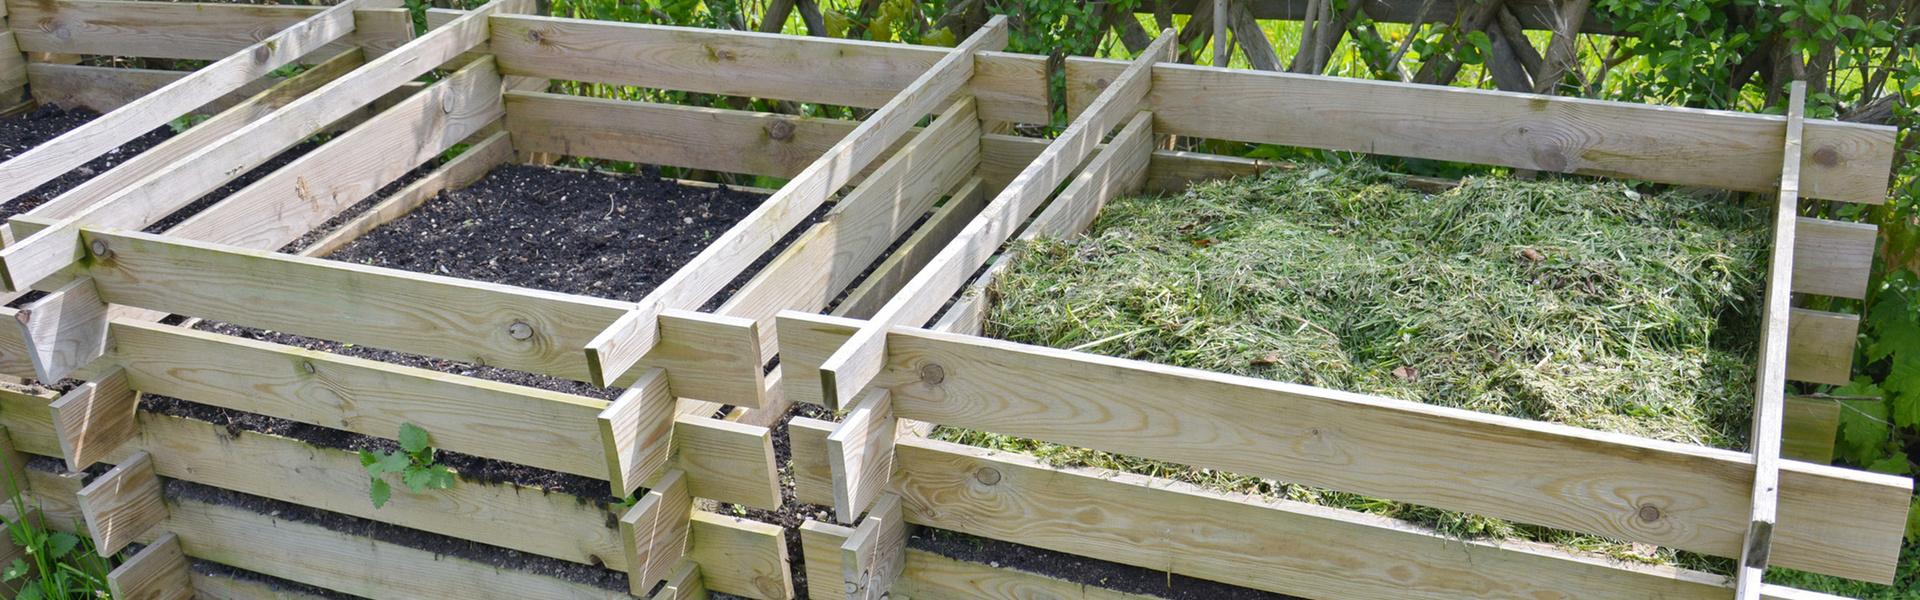 kompost anlegen | wolf-garten